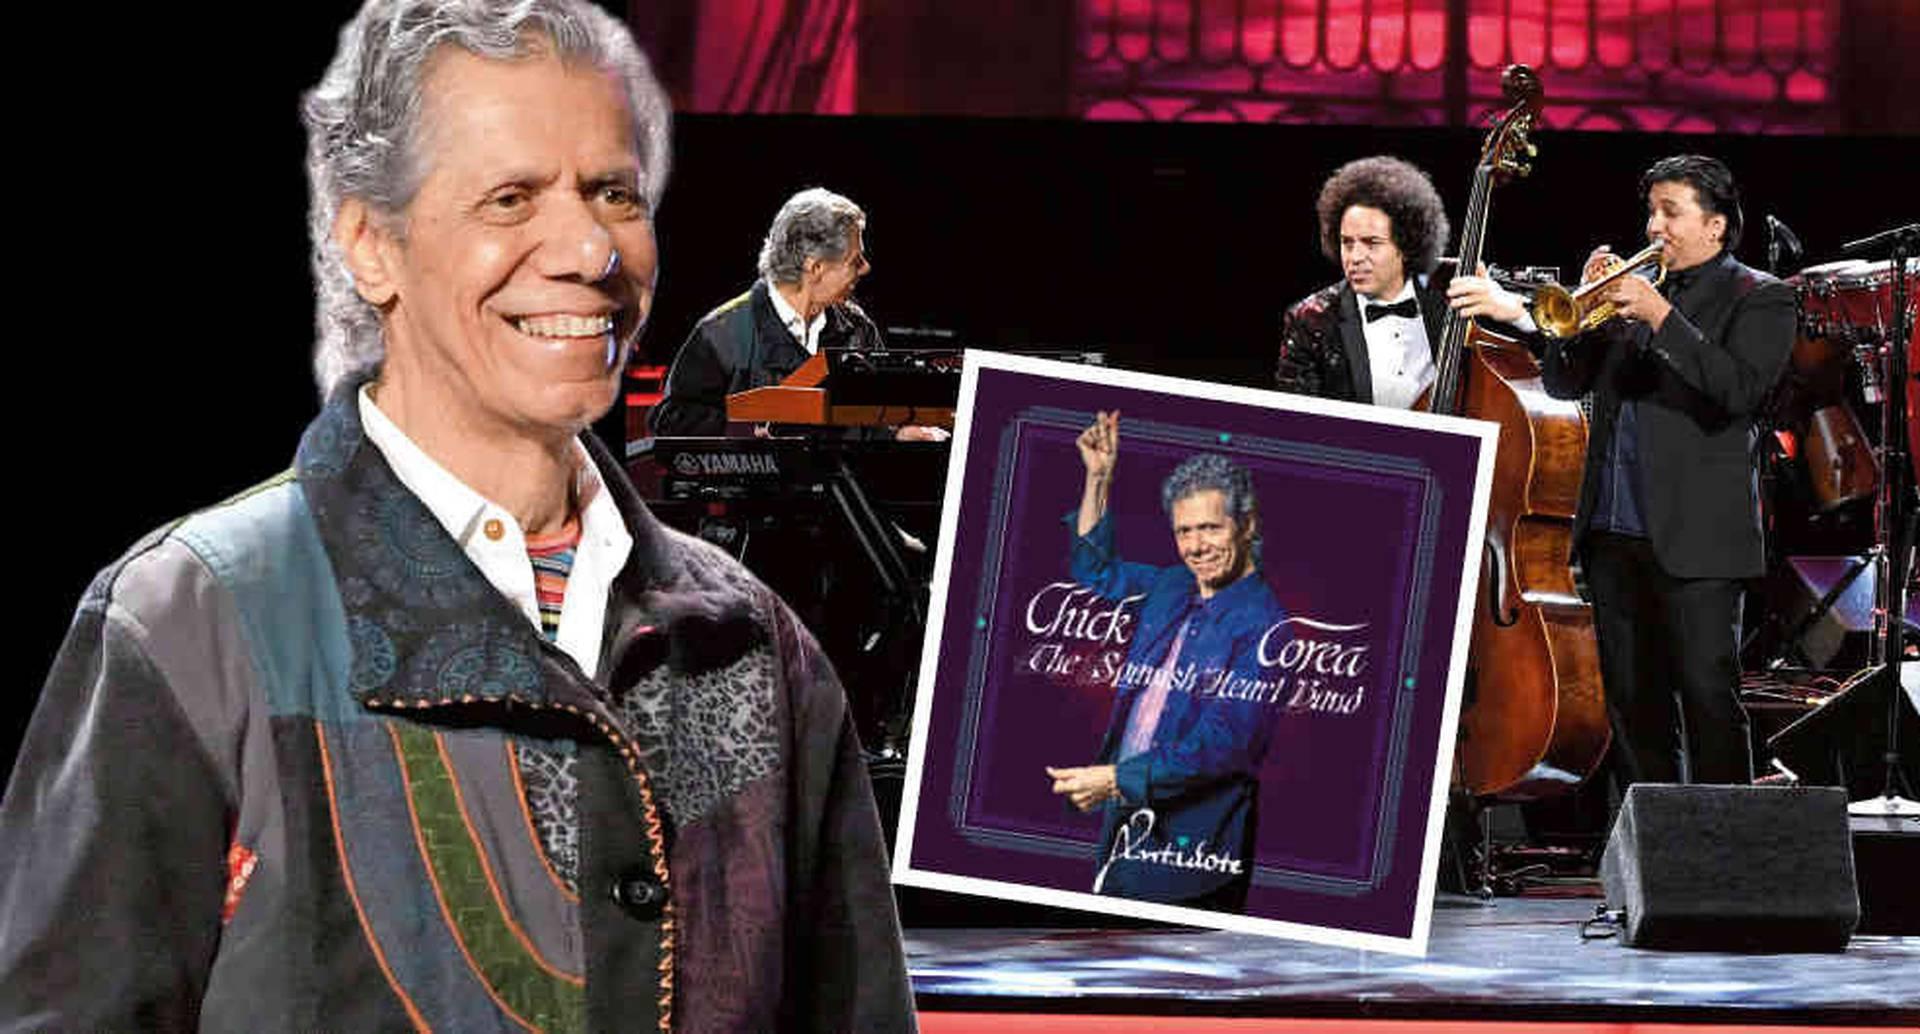 En su agrupación, The Spanish Heart Band, Chick Corea integra a dos de los mejores músicos flamencos de hoy, Niño Josele y Jorge Pardo.